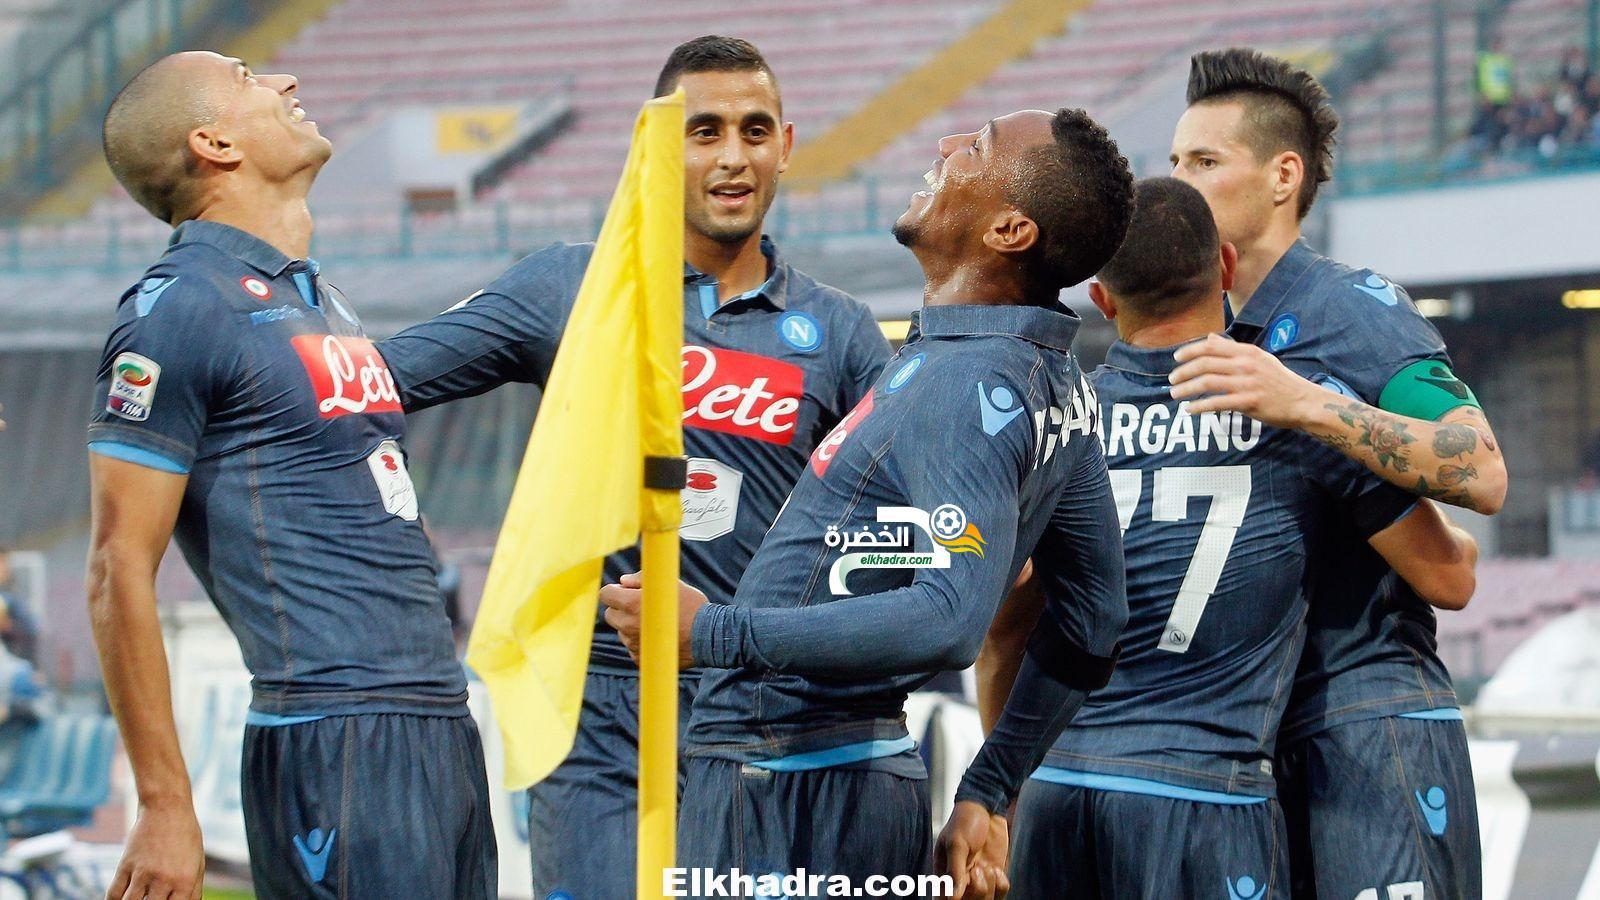 غولام ونابولي يسقطان برباعية أمام مضيفه إمبولي في الدوري الايطالي 29